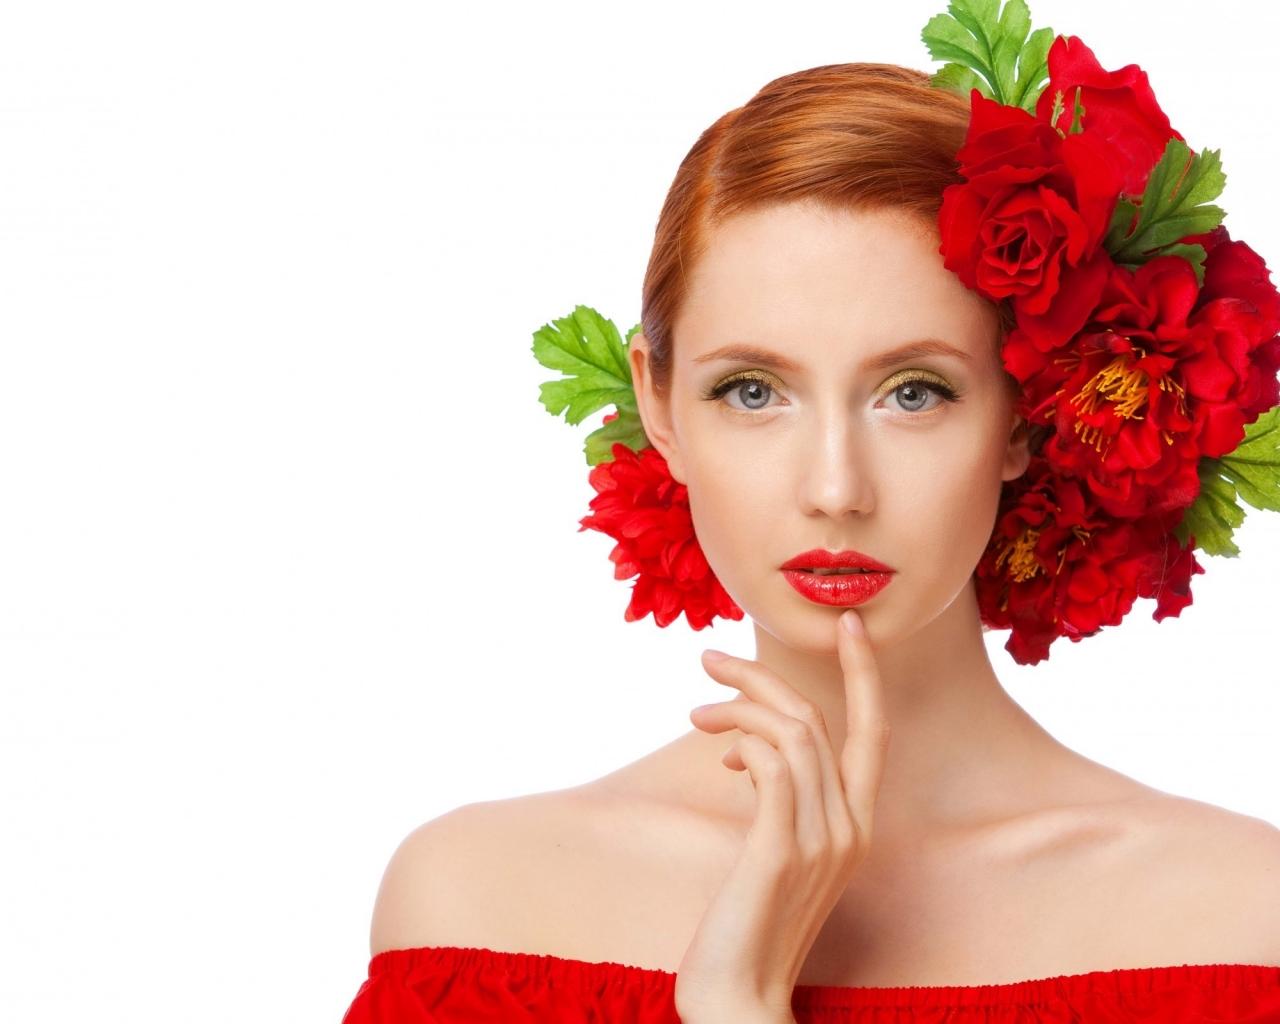 Peinado con rosas rojas - 1280x1024